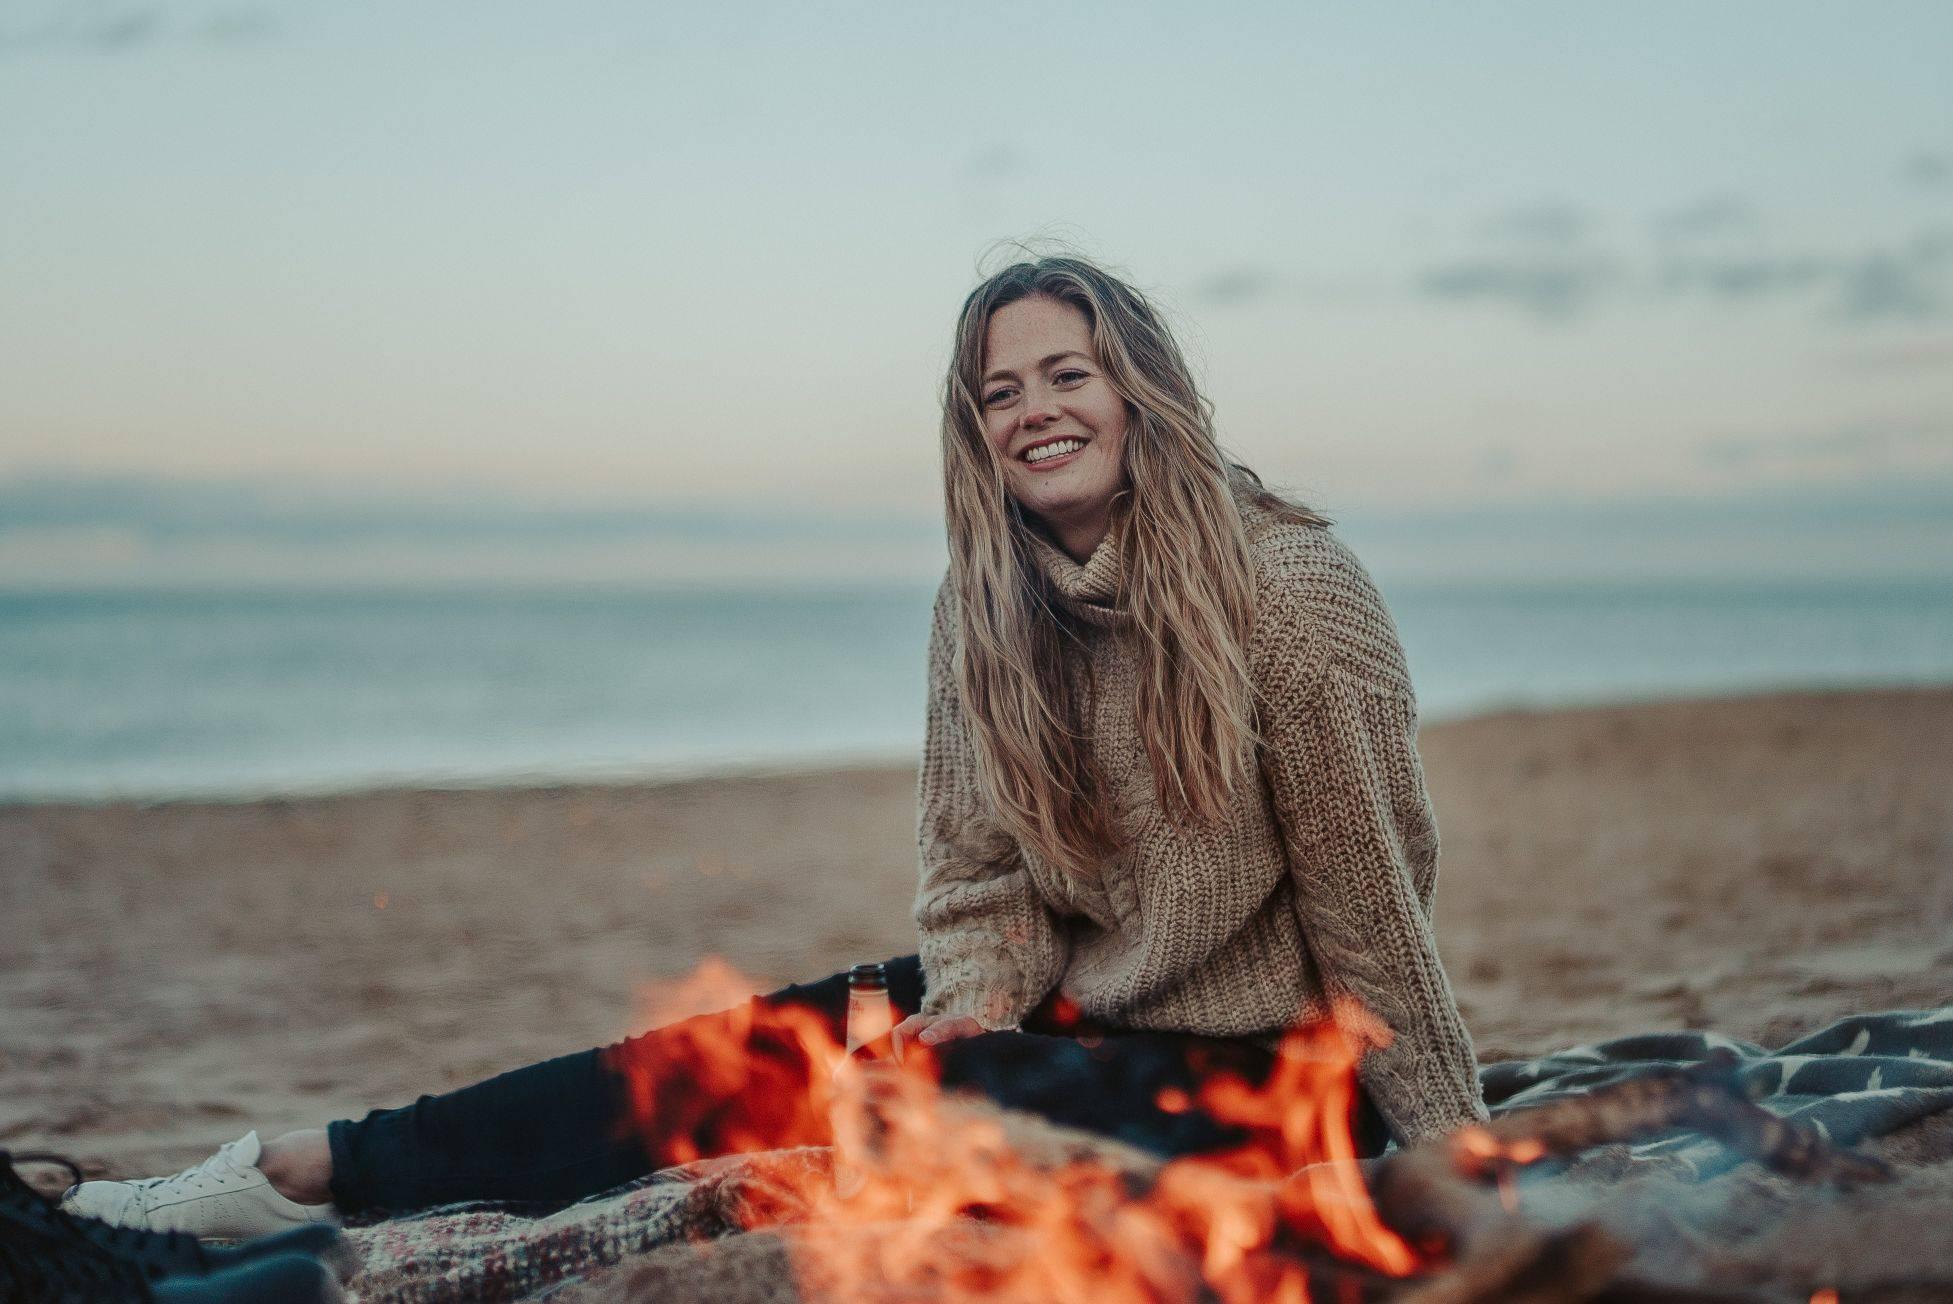 Image of women smiling